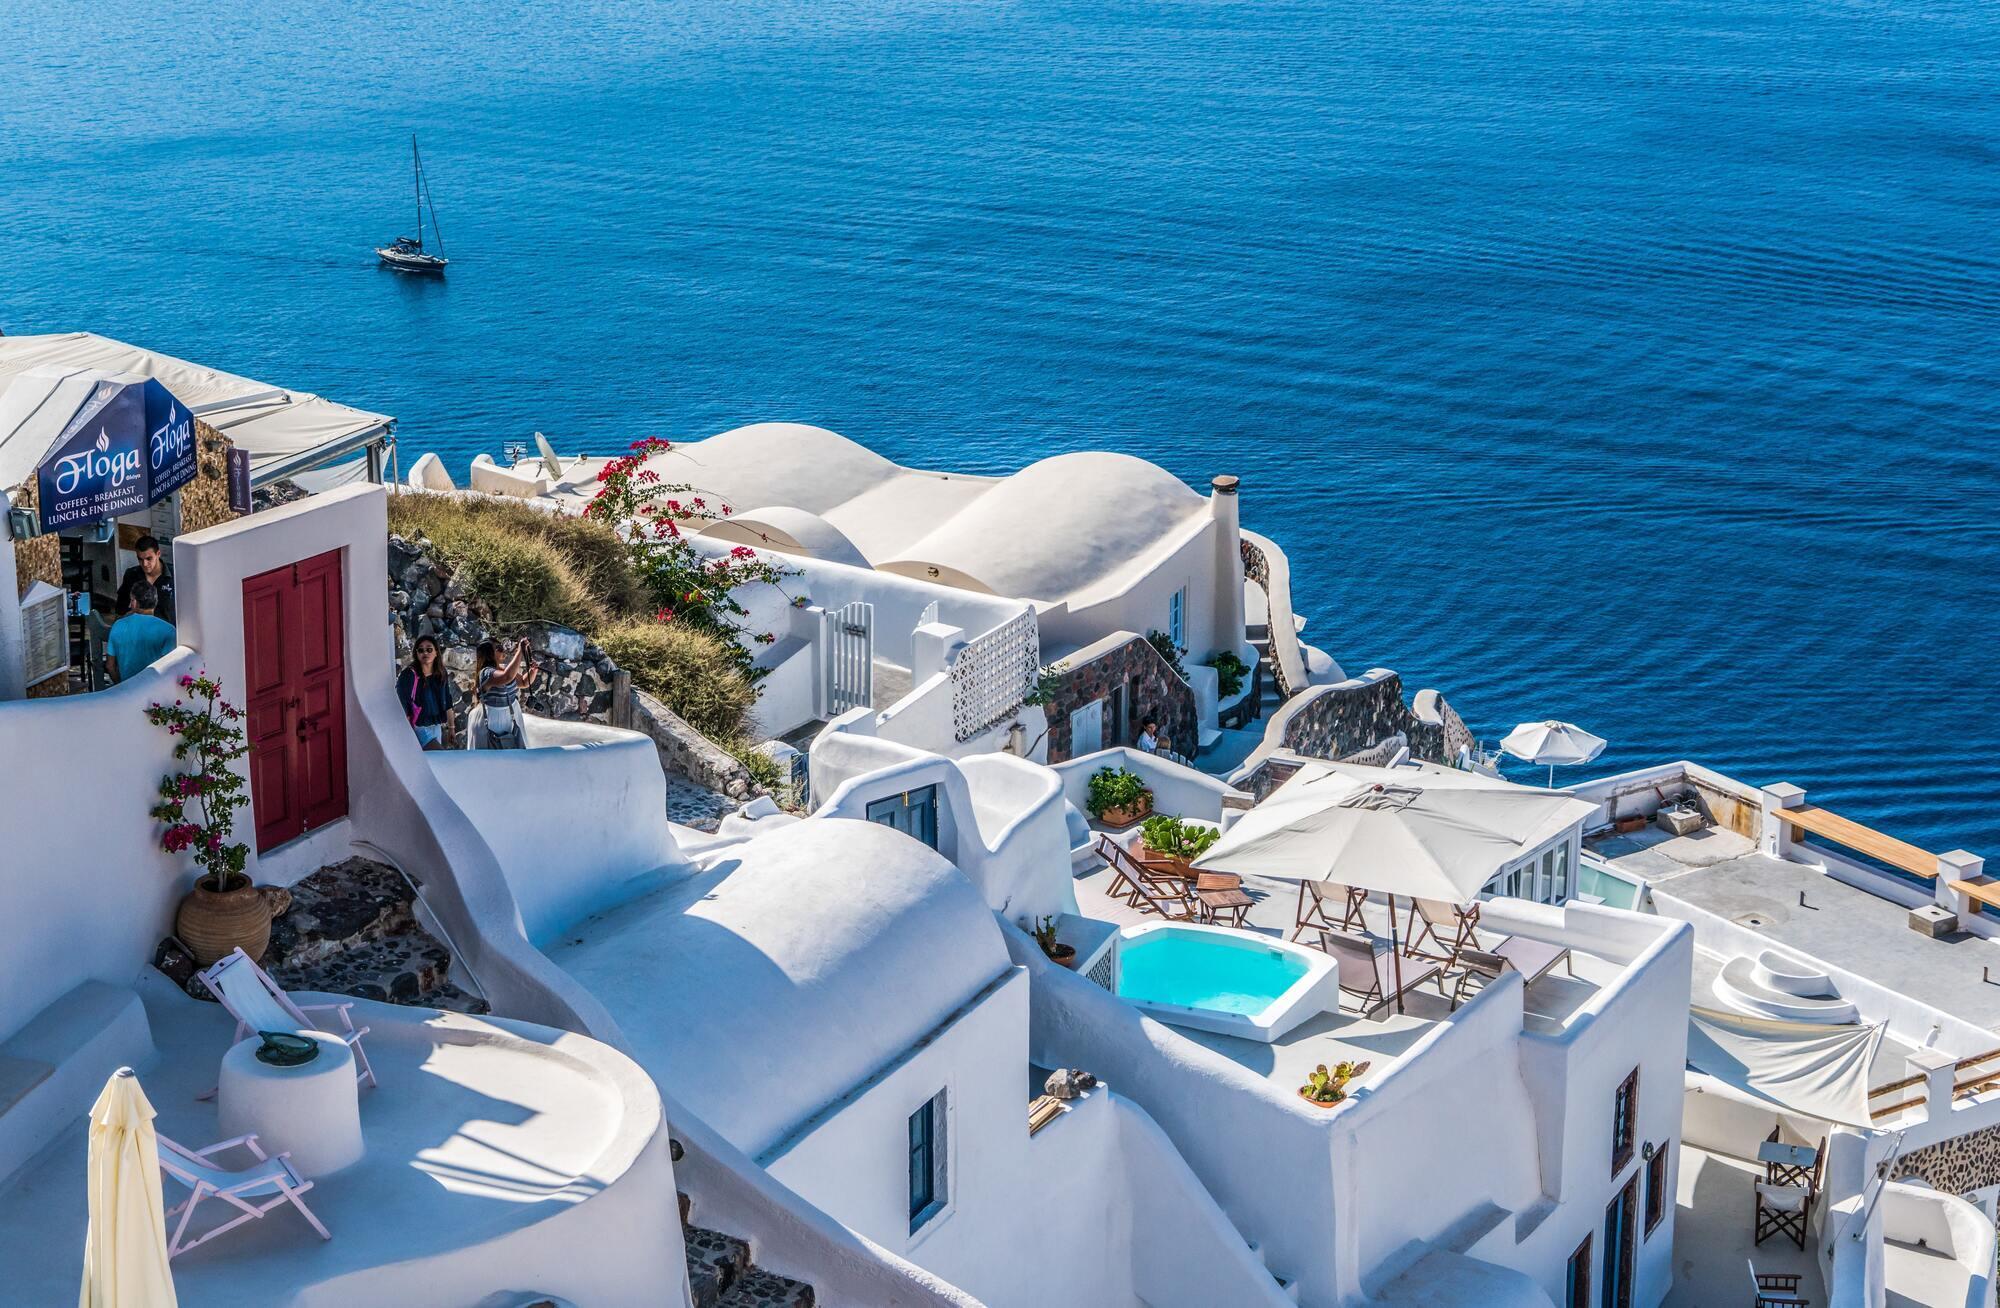 Грецький курорт Санторіні знаменитий біло-синіми будиночками